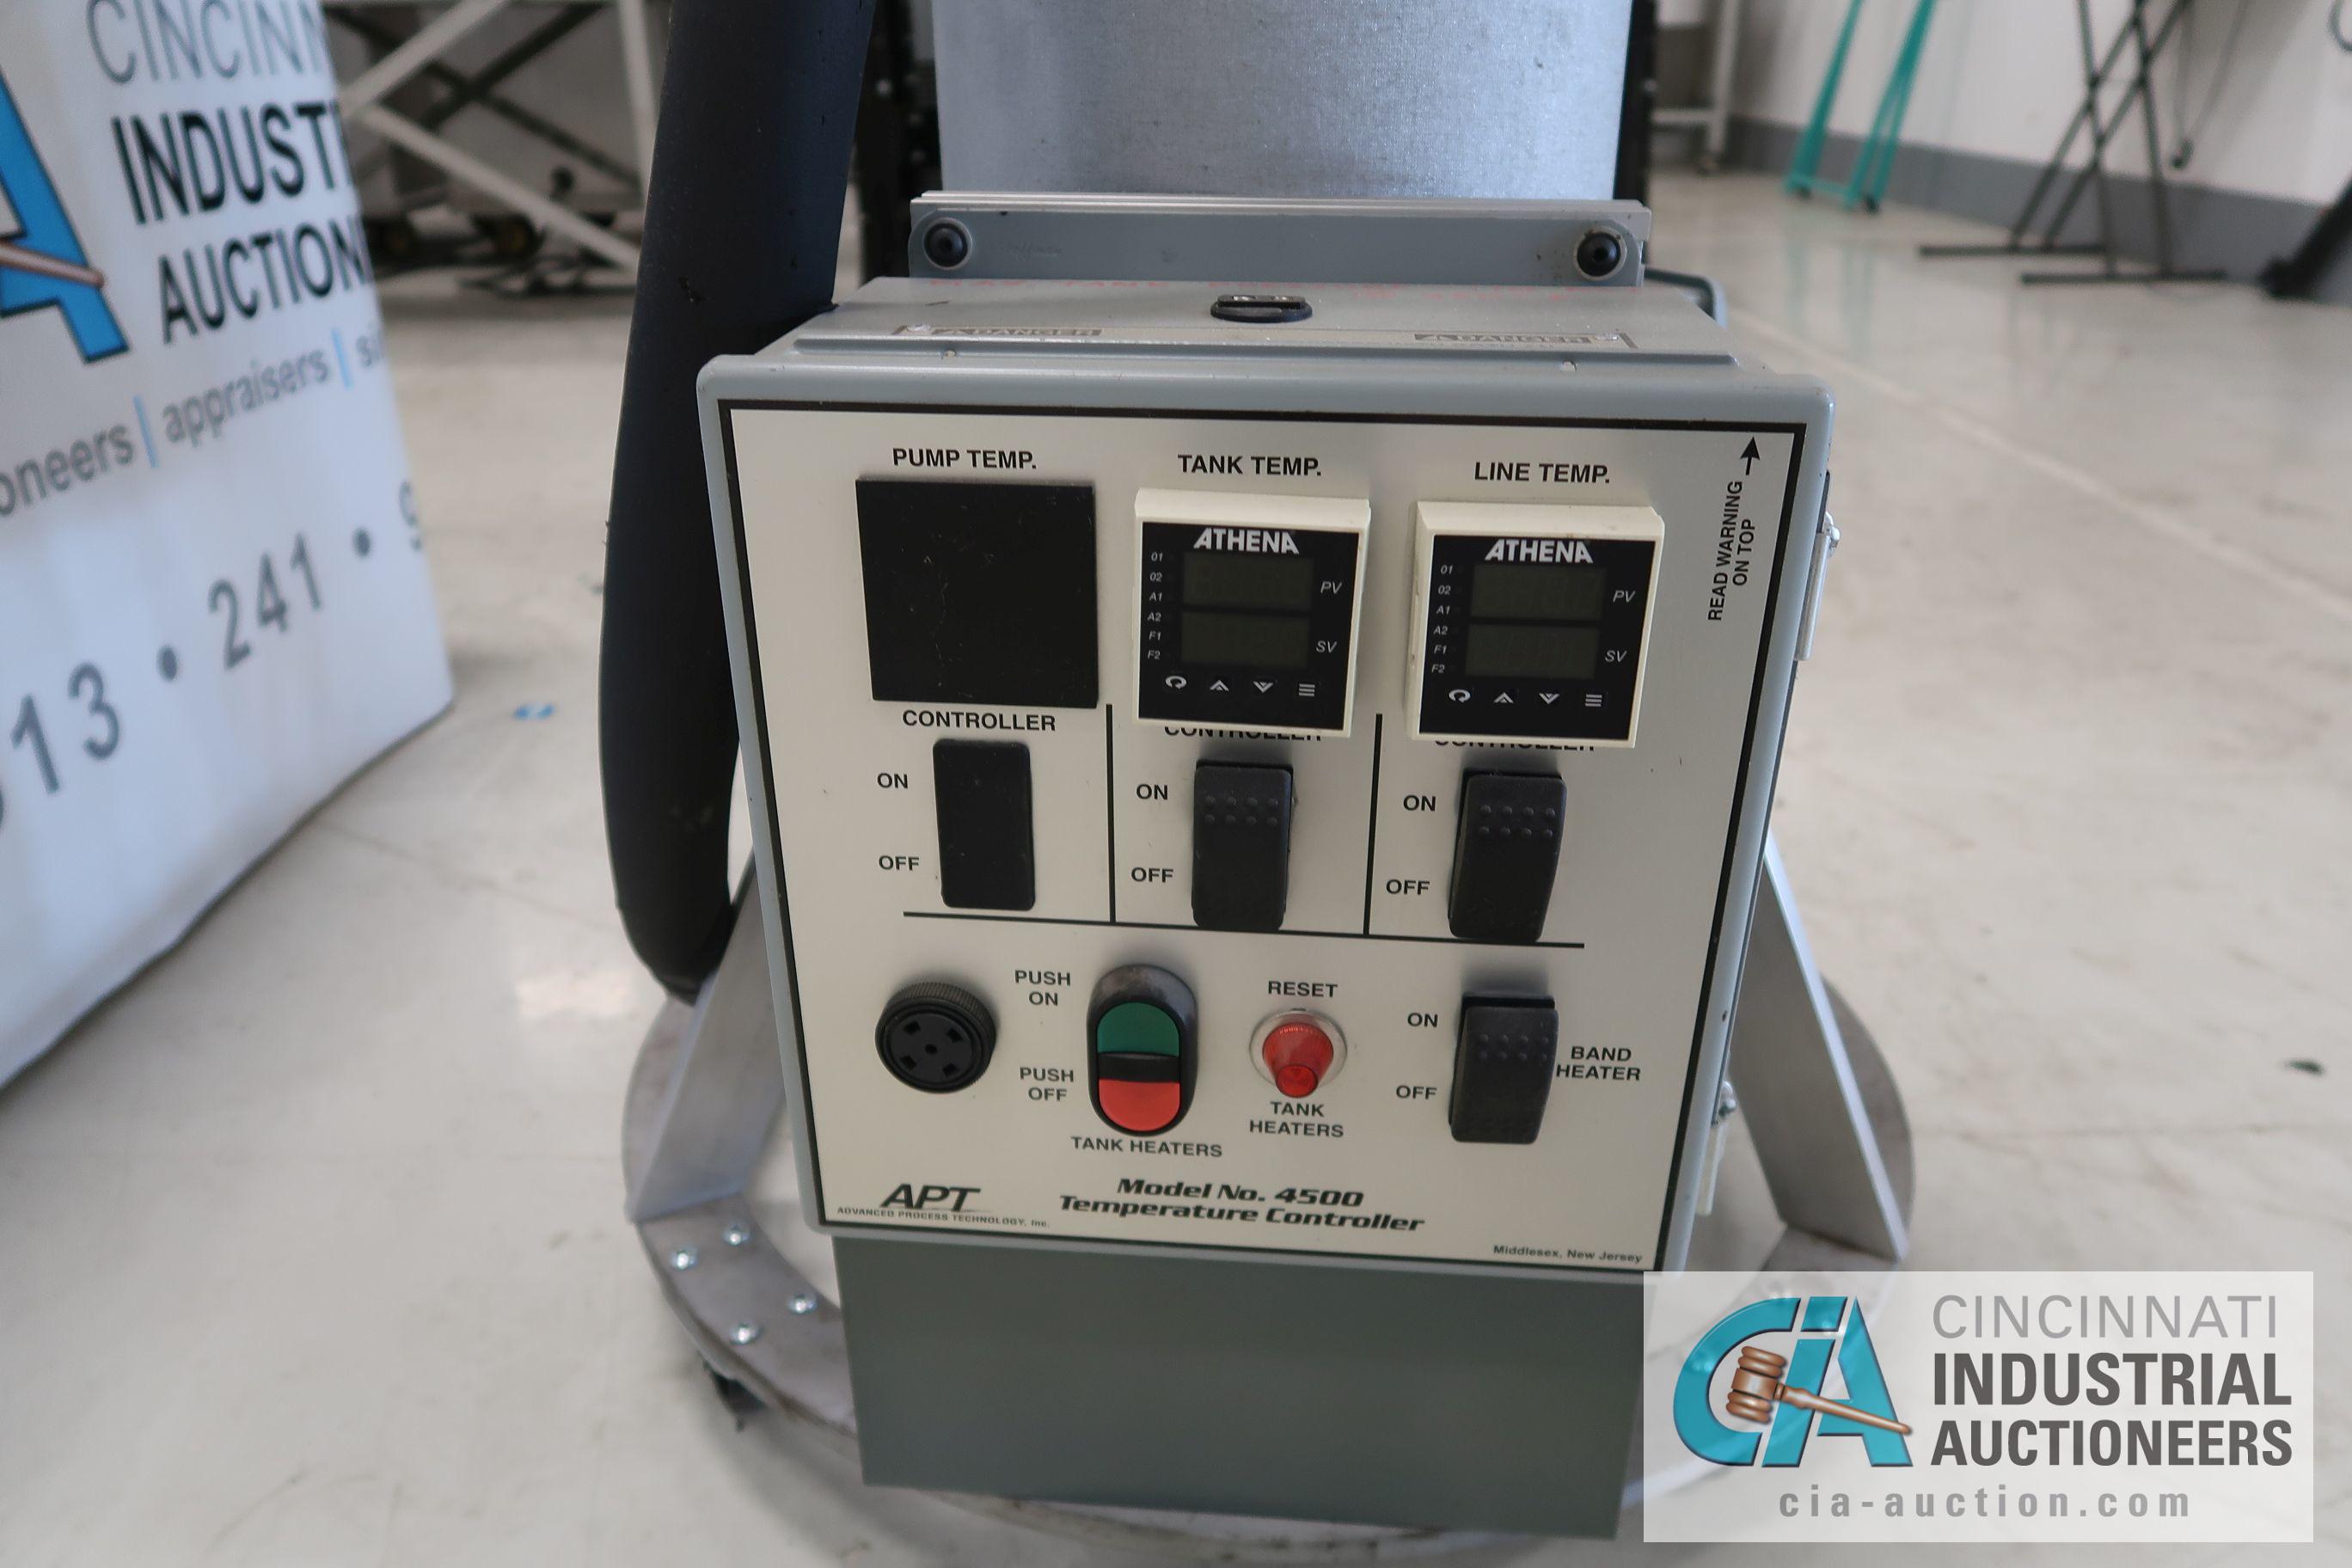 2.5 GALLON APT MODEL NO. 4500 RTM UNIT; S/N T-3110 (1/5/09) - Image 2 of 5